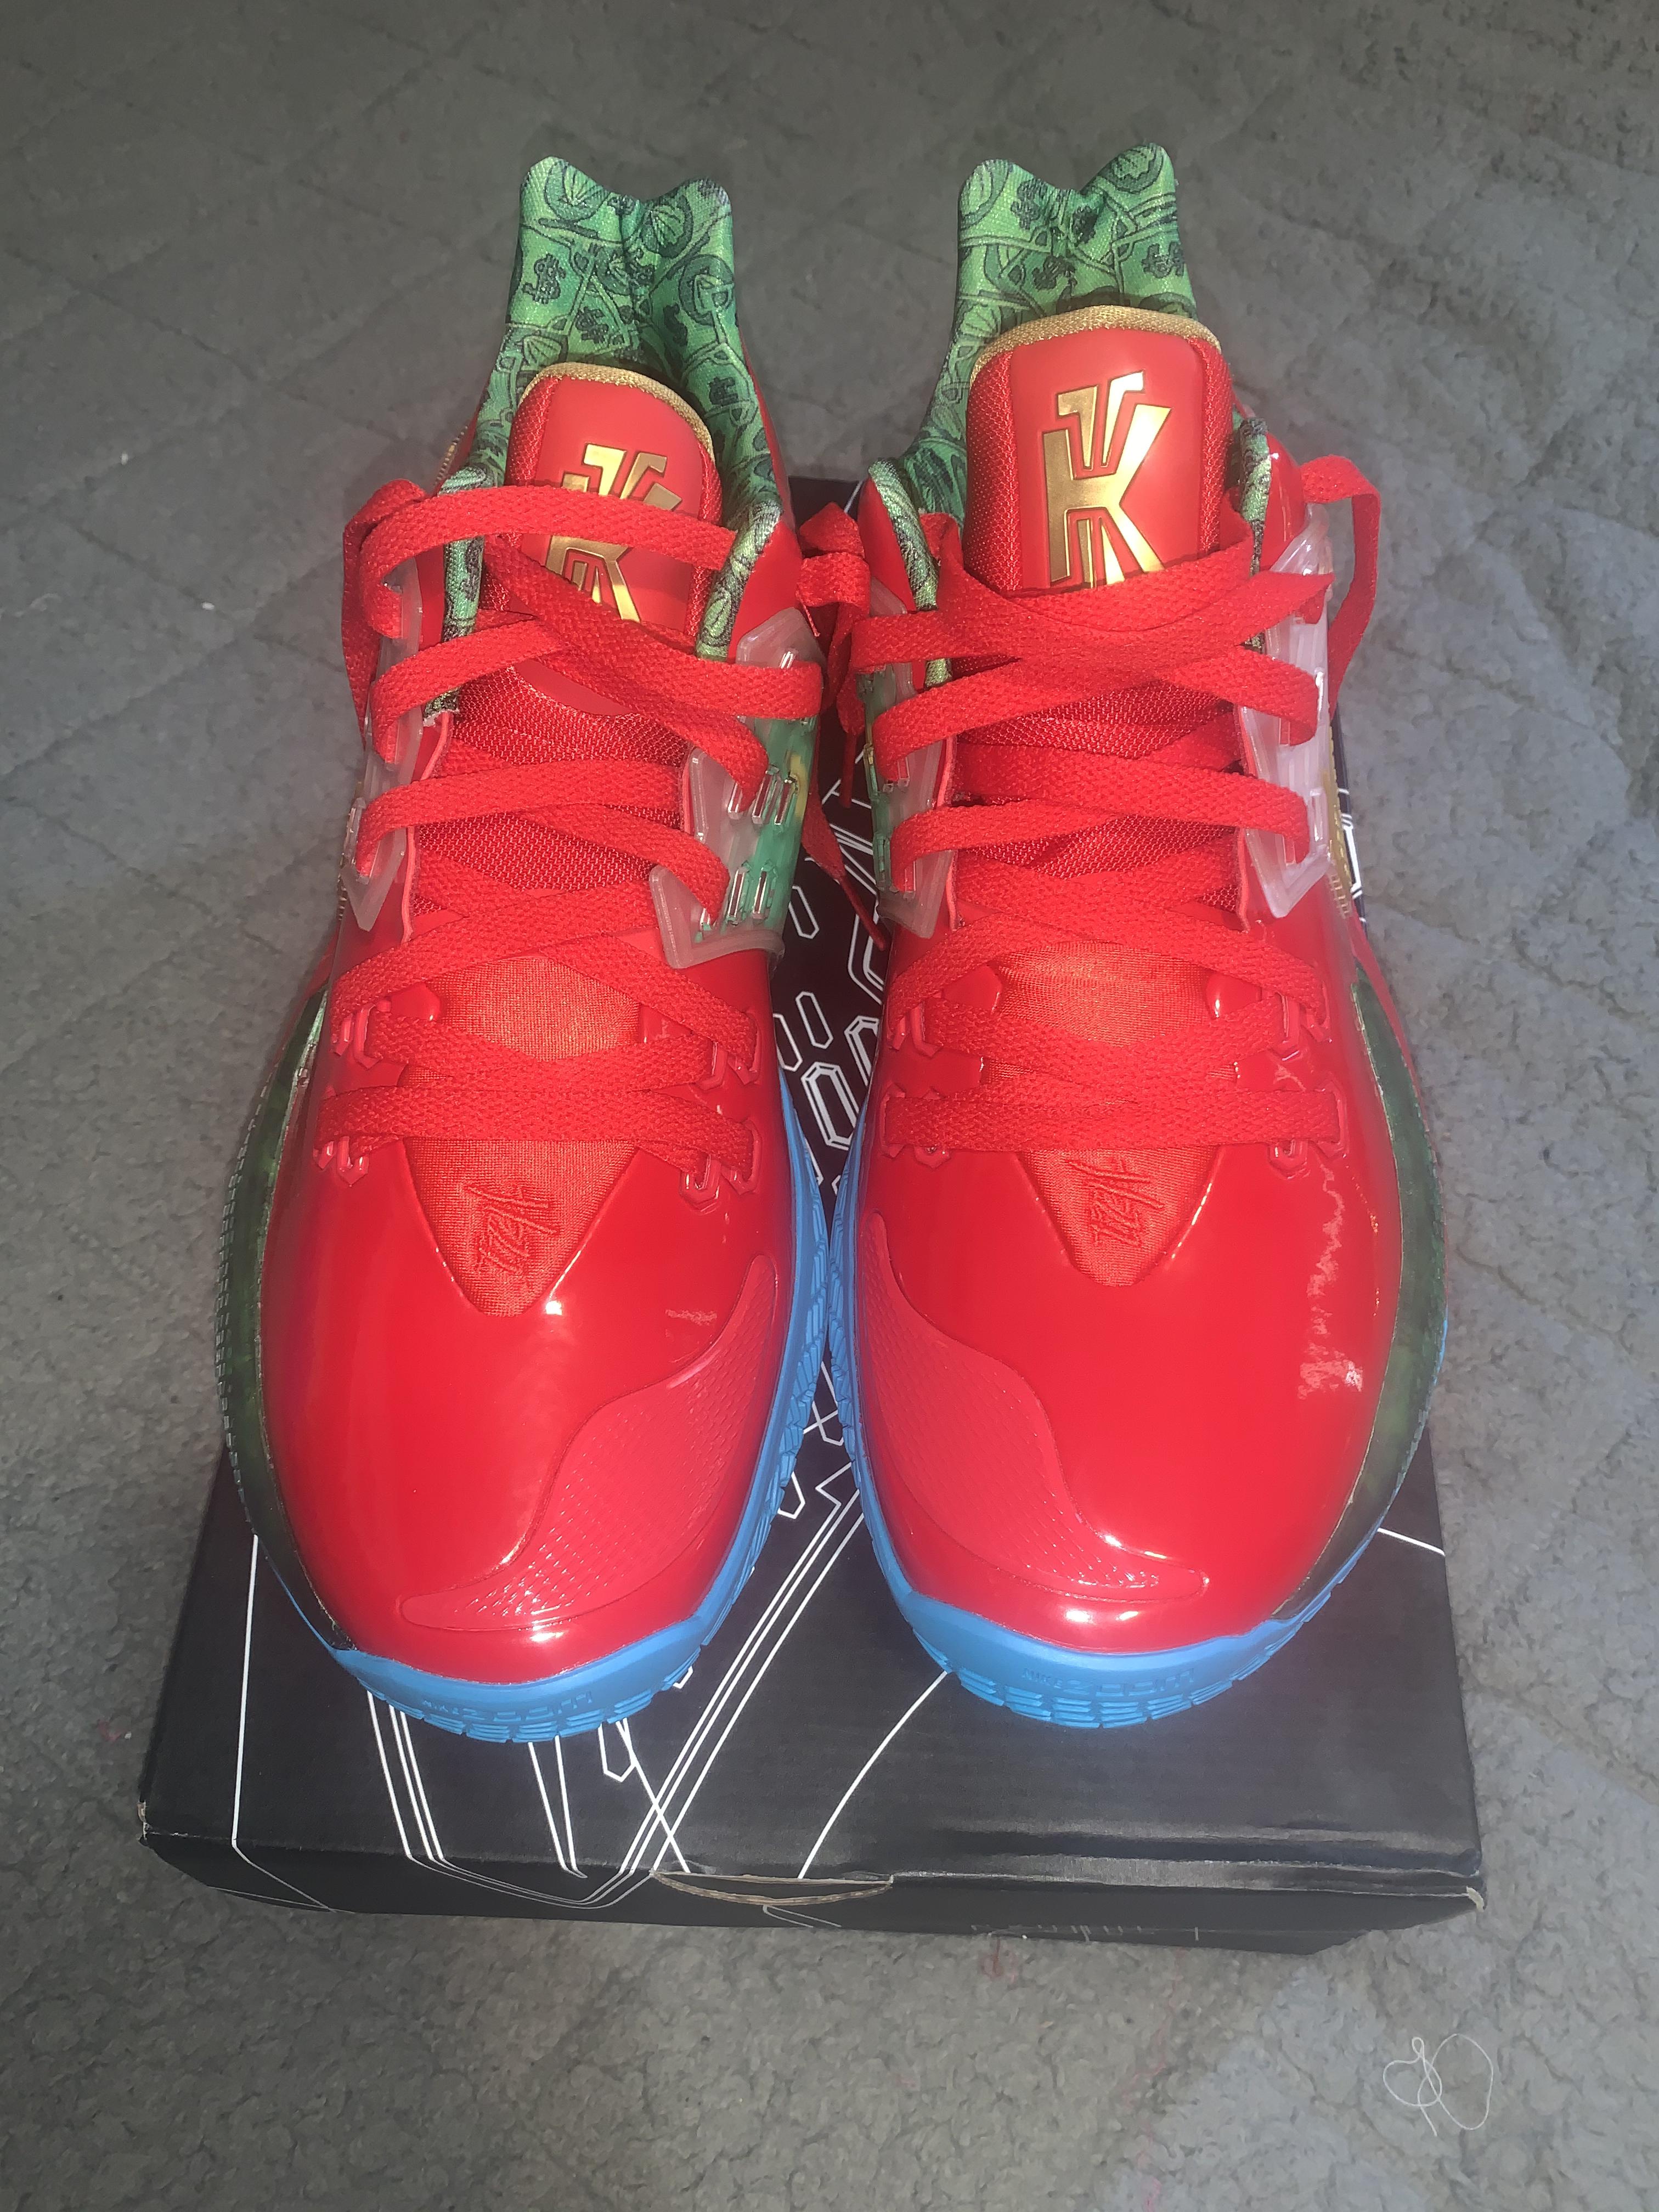 Nike - $270 - Size 10.5